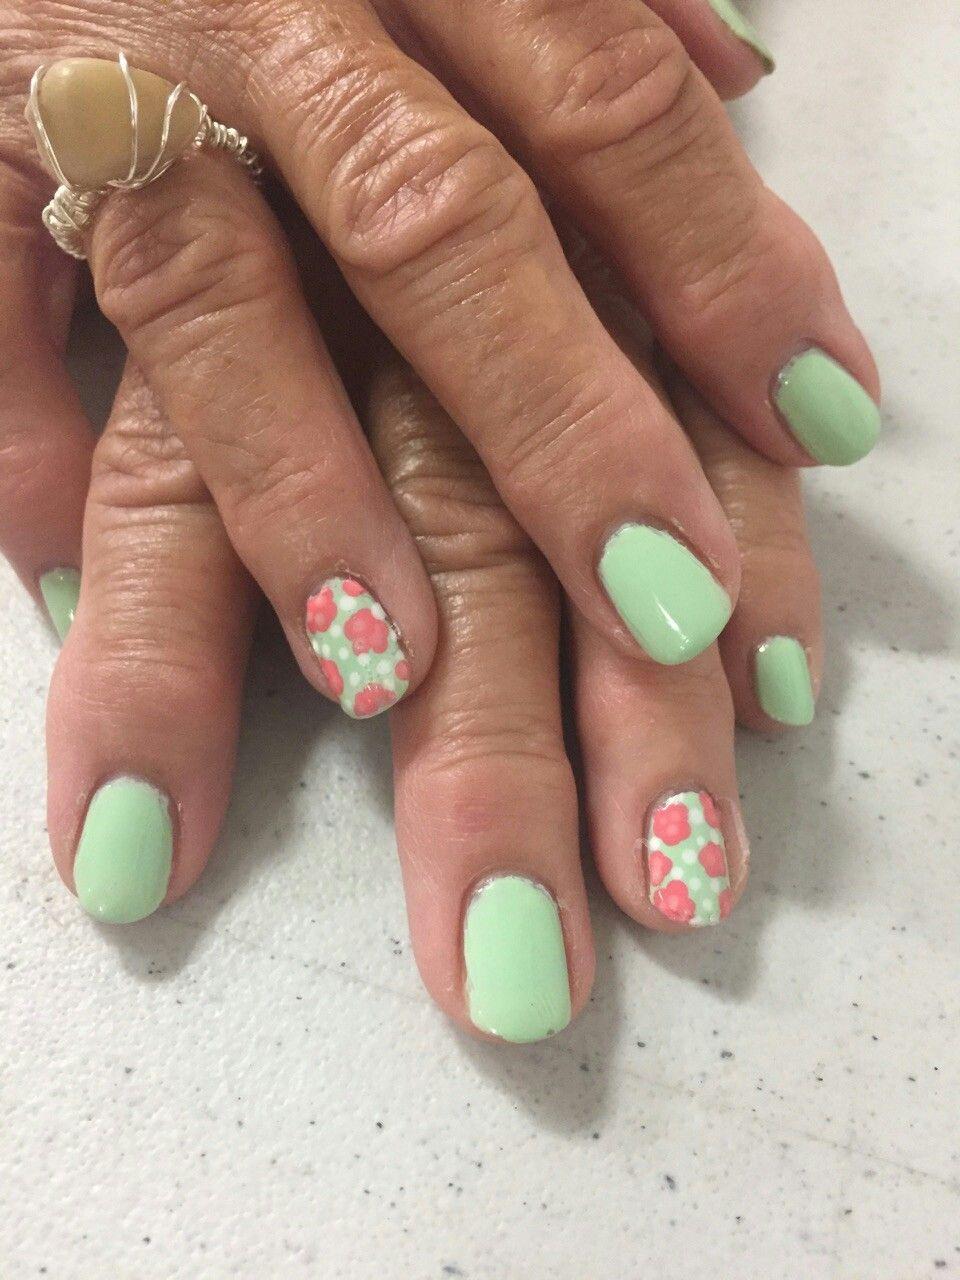 Vintage floral nail art nail art nail art pinterest floral vintage floral nail art nail art prinsesfo Gallery